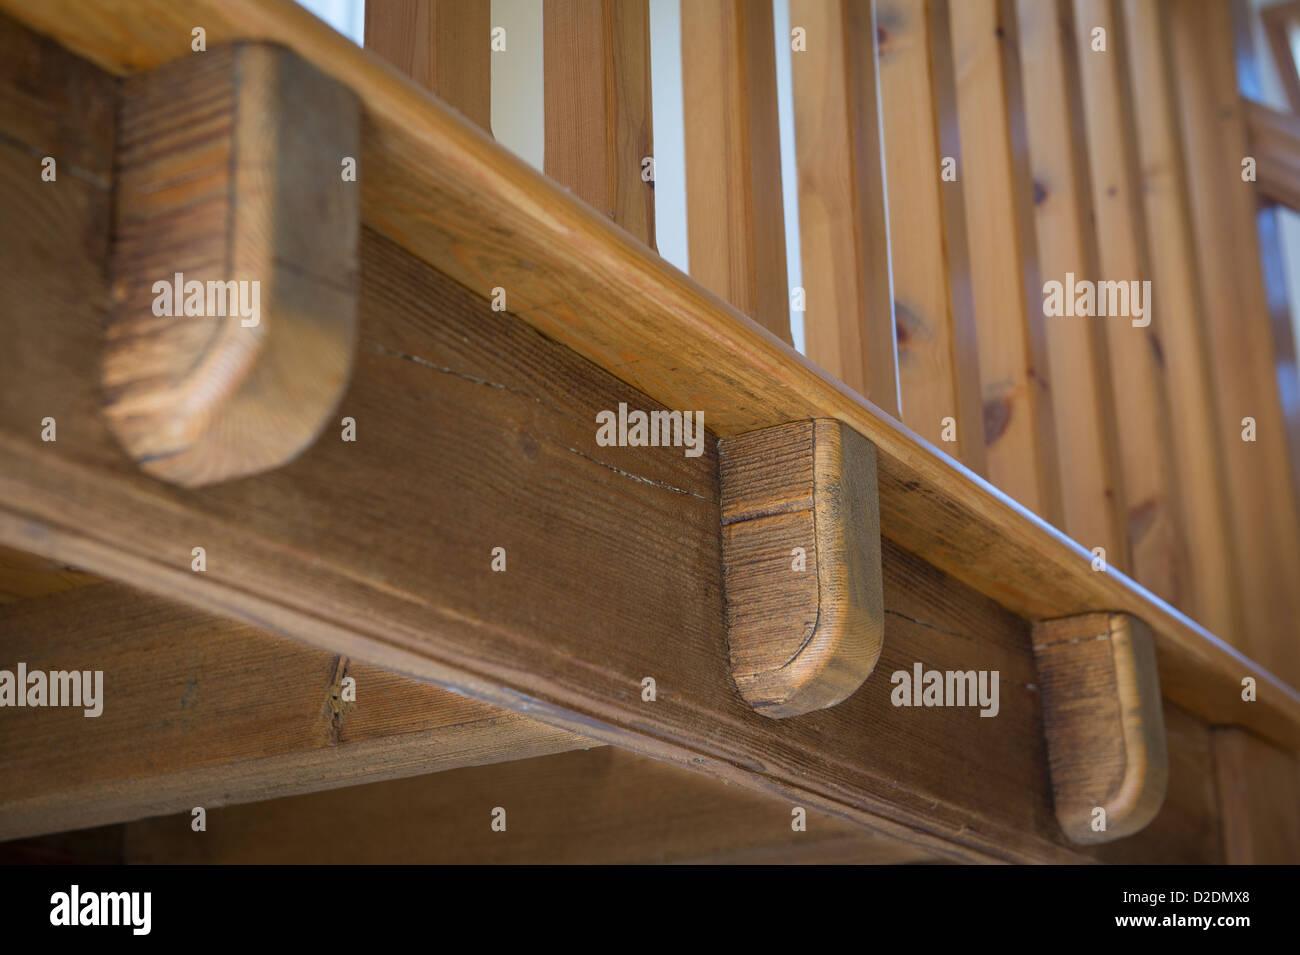 Close up di ringhiere in legno su una scala in un recente Barn convertito in Inghilterra rurale. Immagini Stock